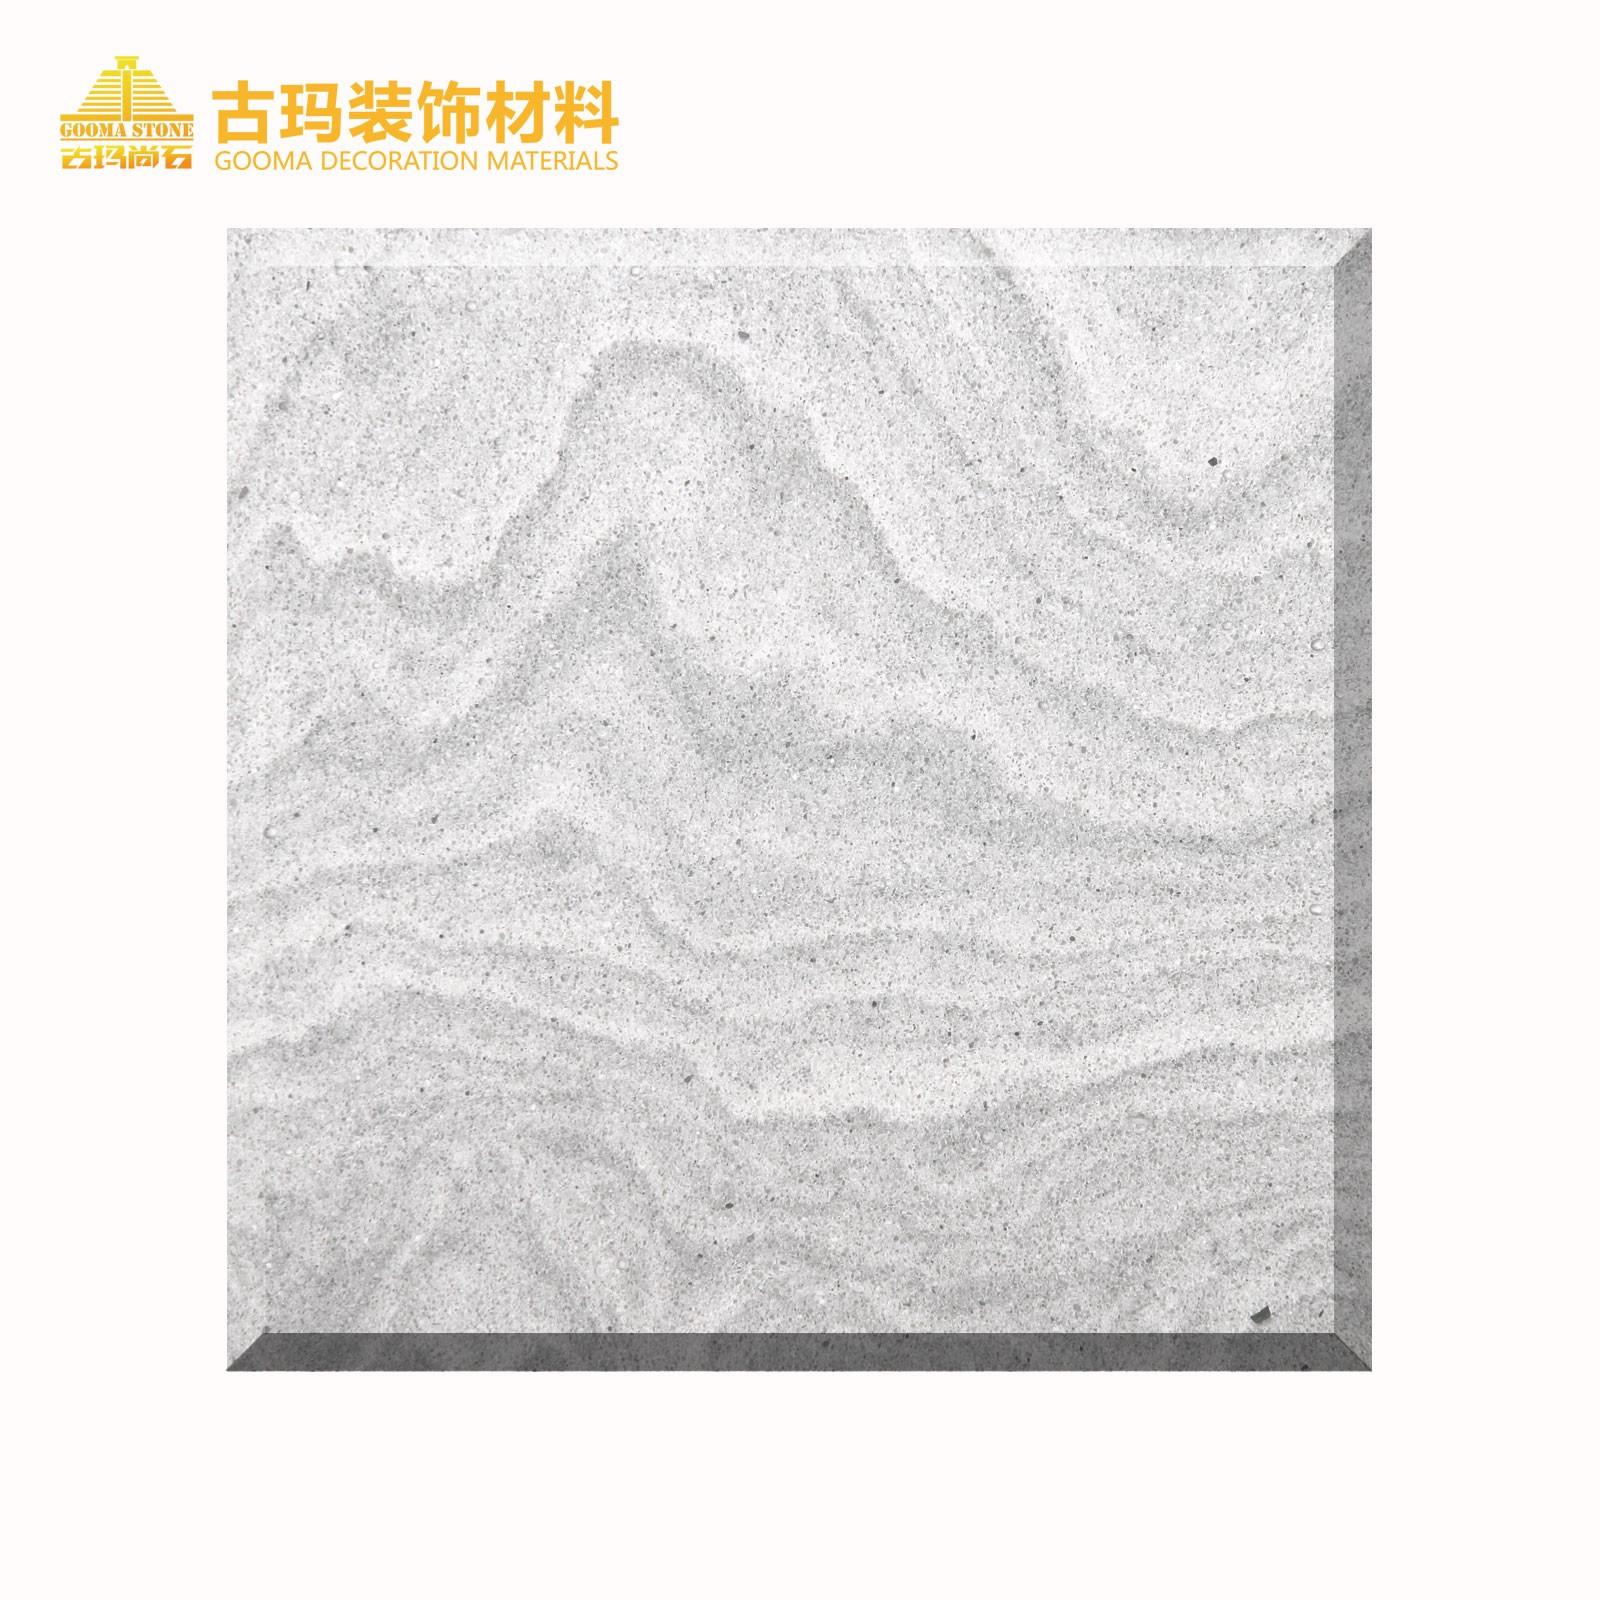 环保外墙保护剂批发_专业其他石材石料生产厂家-广州市古玛装饰材料有限公司